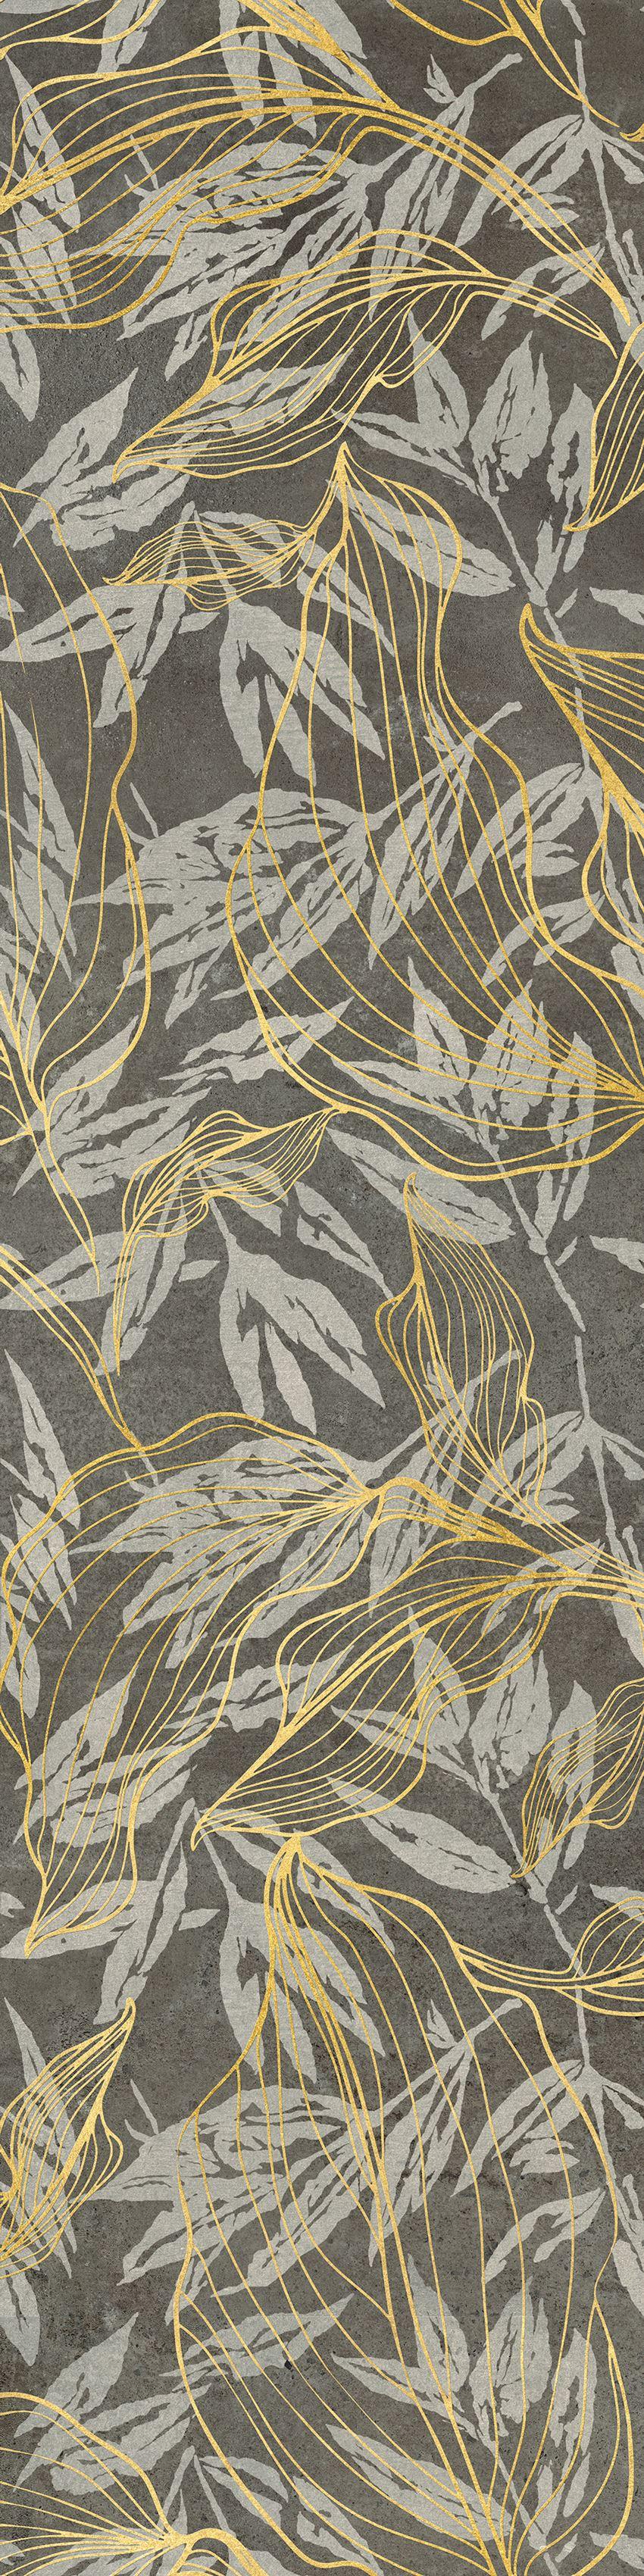 płytka dekoracyjna Cerrad Softcement graphite flower 30x120